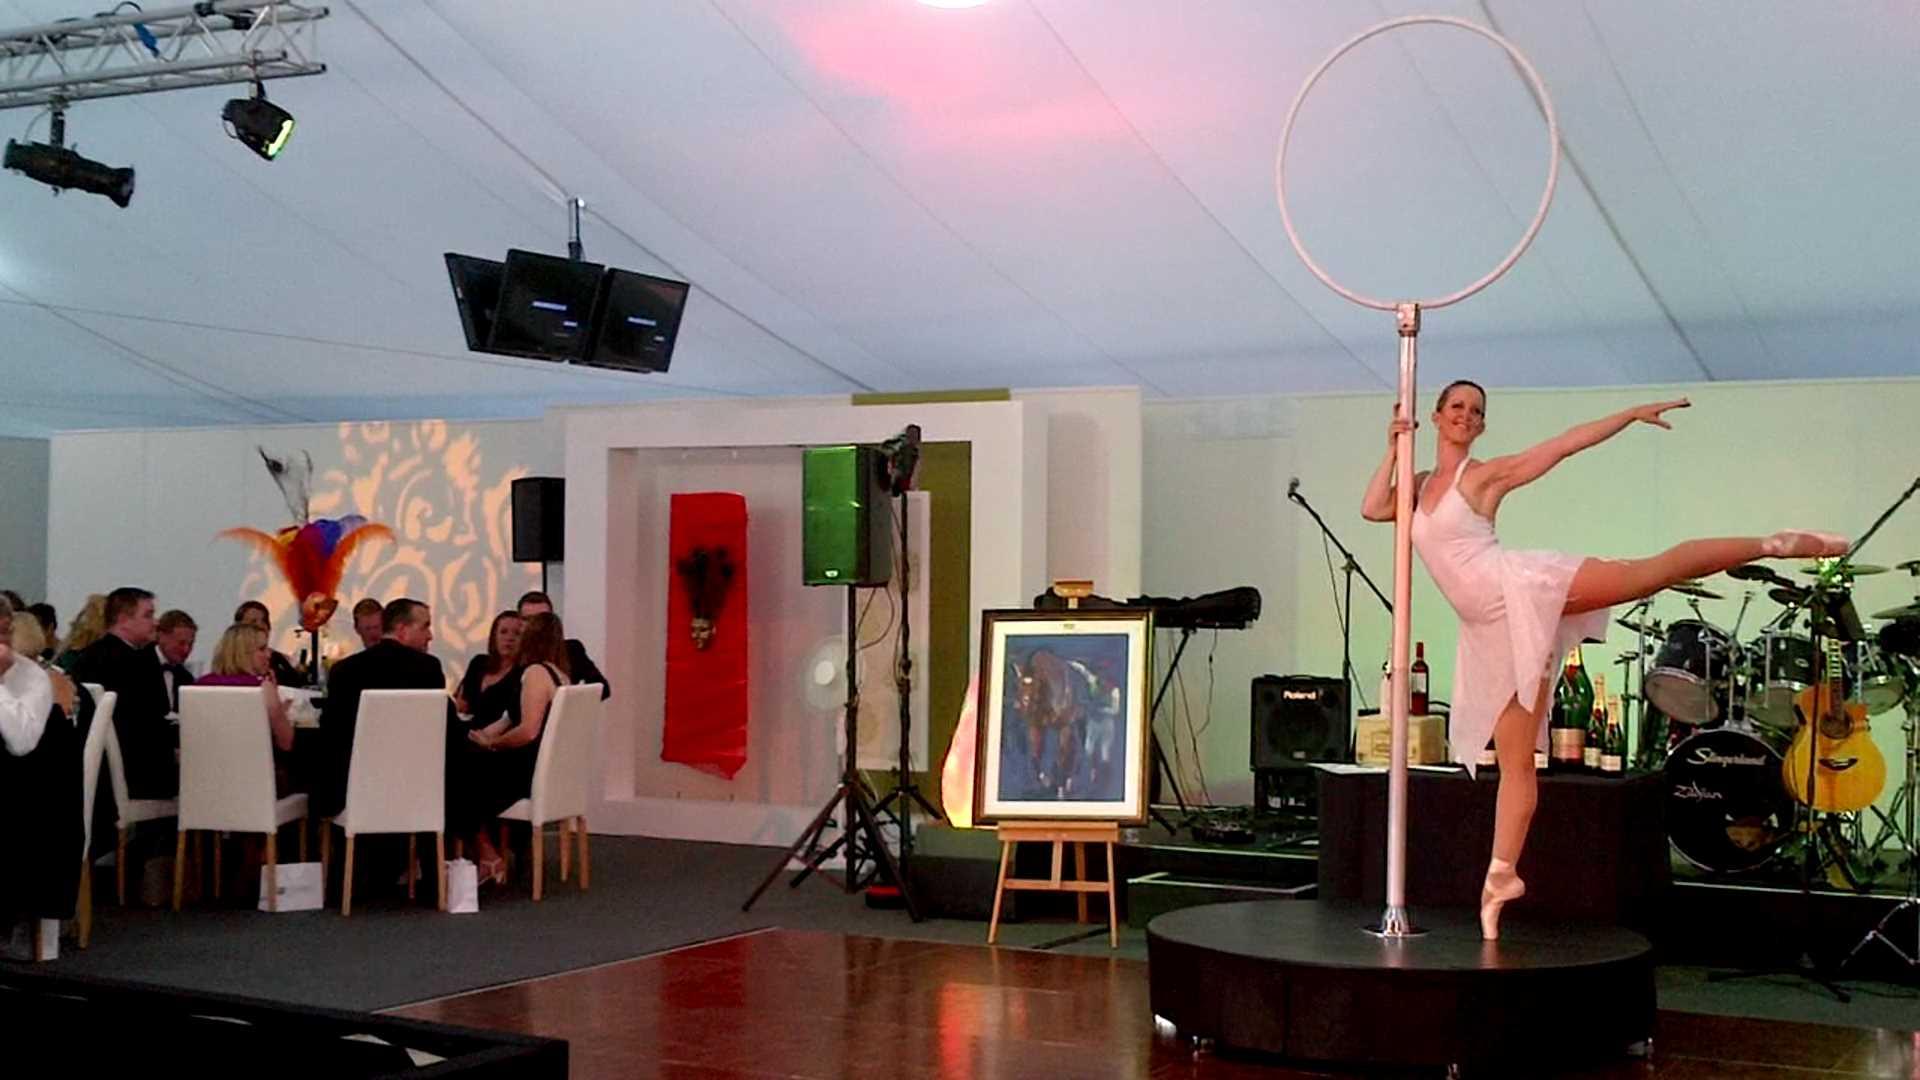 Classical Freestanding Aerial Hoop